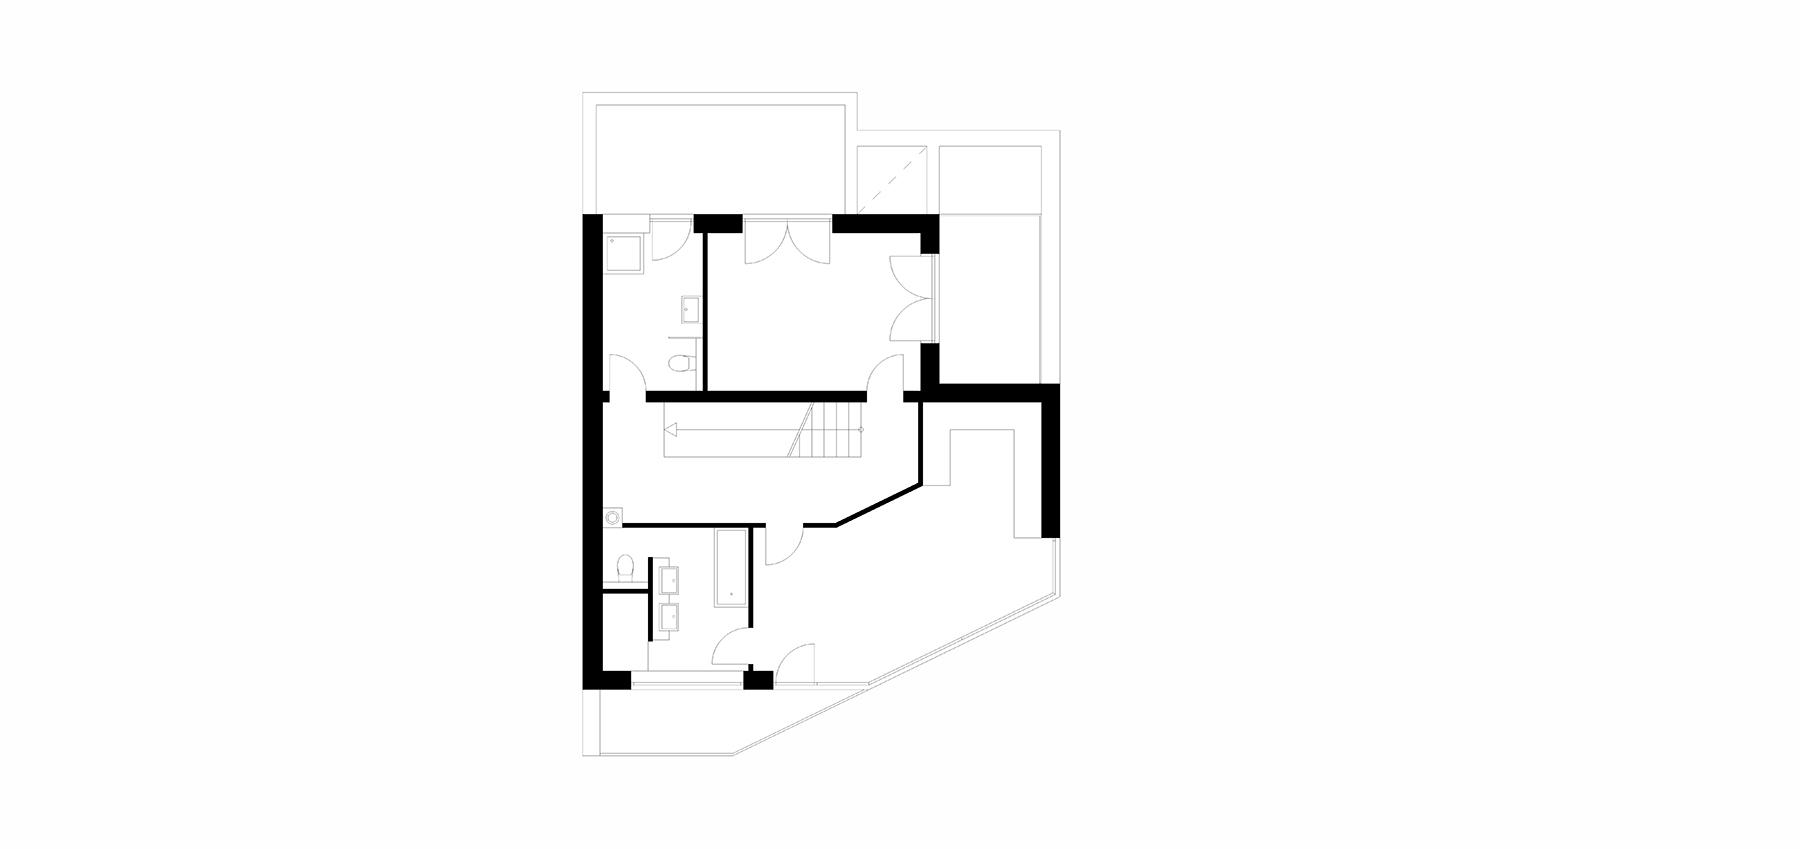 wunschhaus-haus-g16-plan-OG